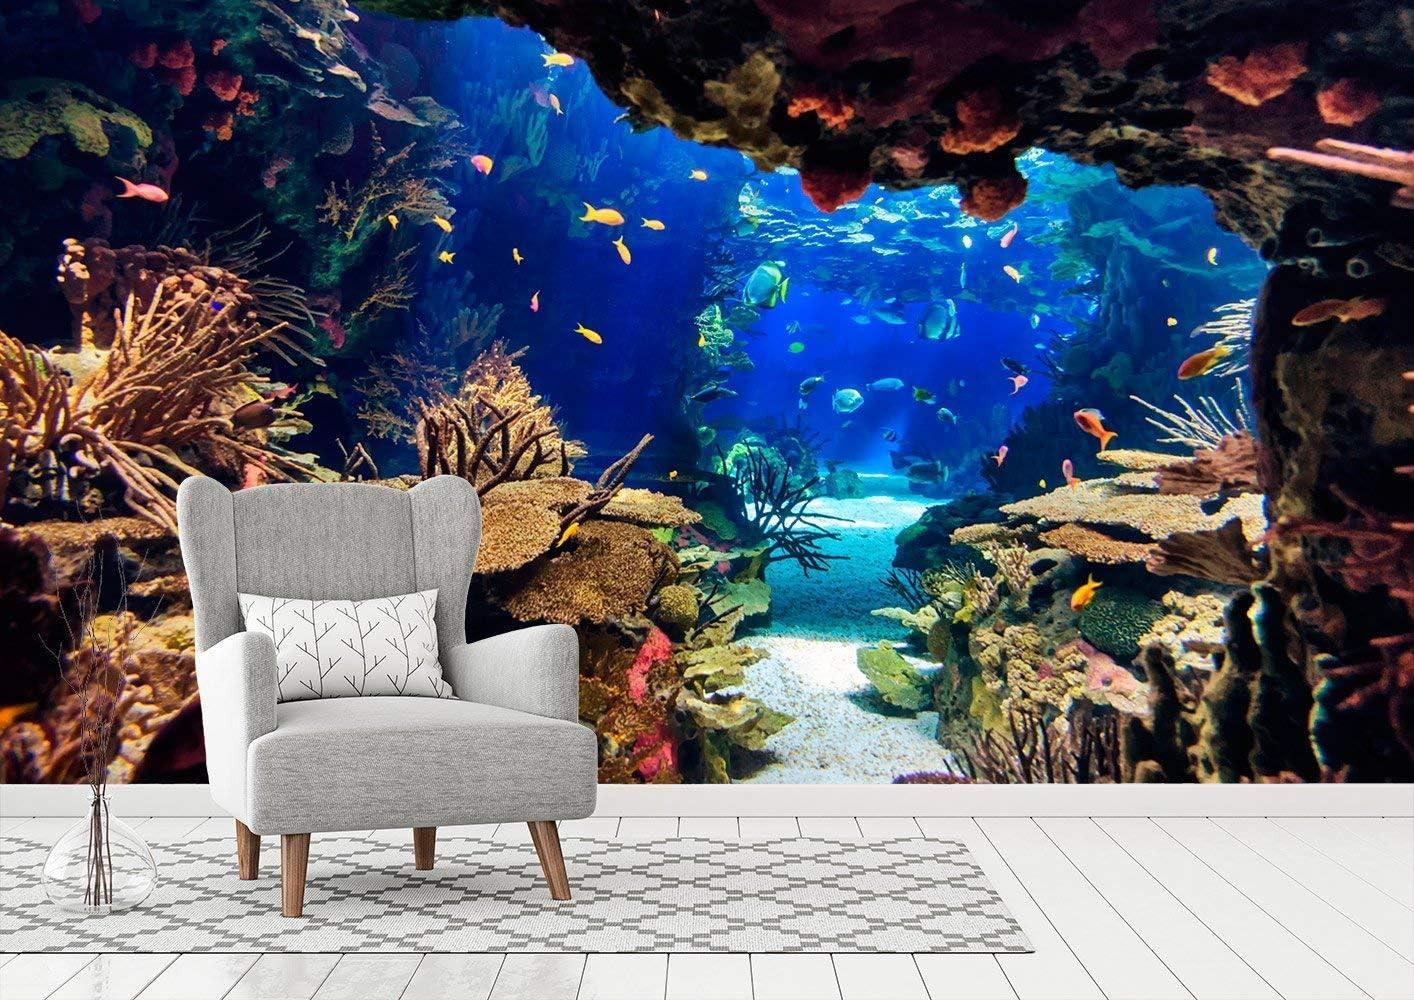 Fotomural Vinilo para Pared Fondo Marino  Fotomural para Paredes   Mural   Vinilo Decorativo   Varias Medidas 200 x 150 cm   Decoración comedores, Salones, Habitaciones.